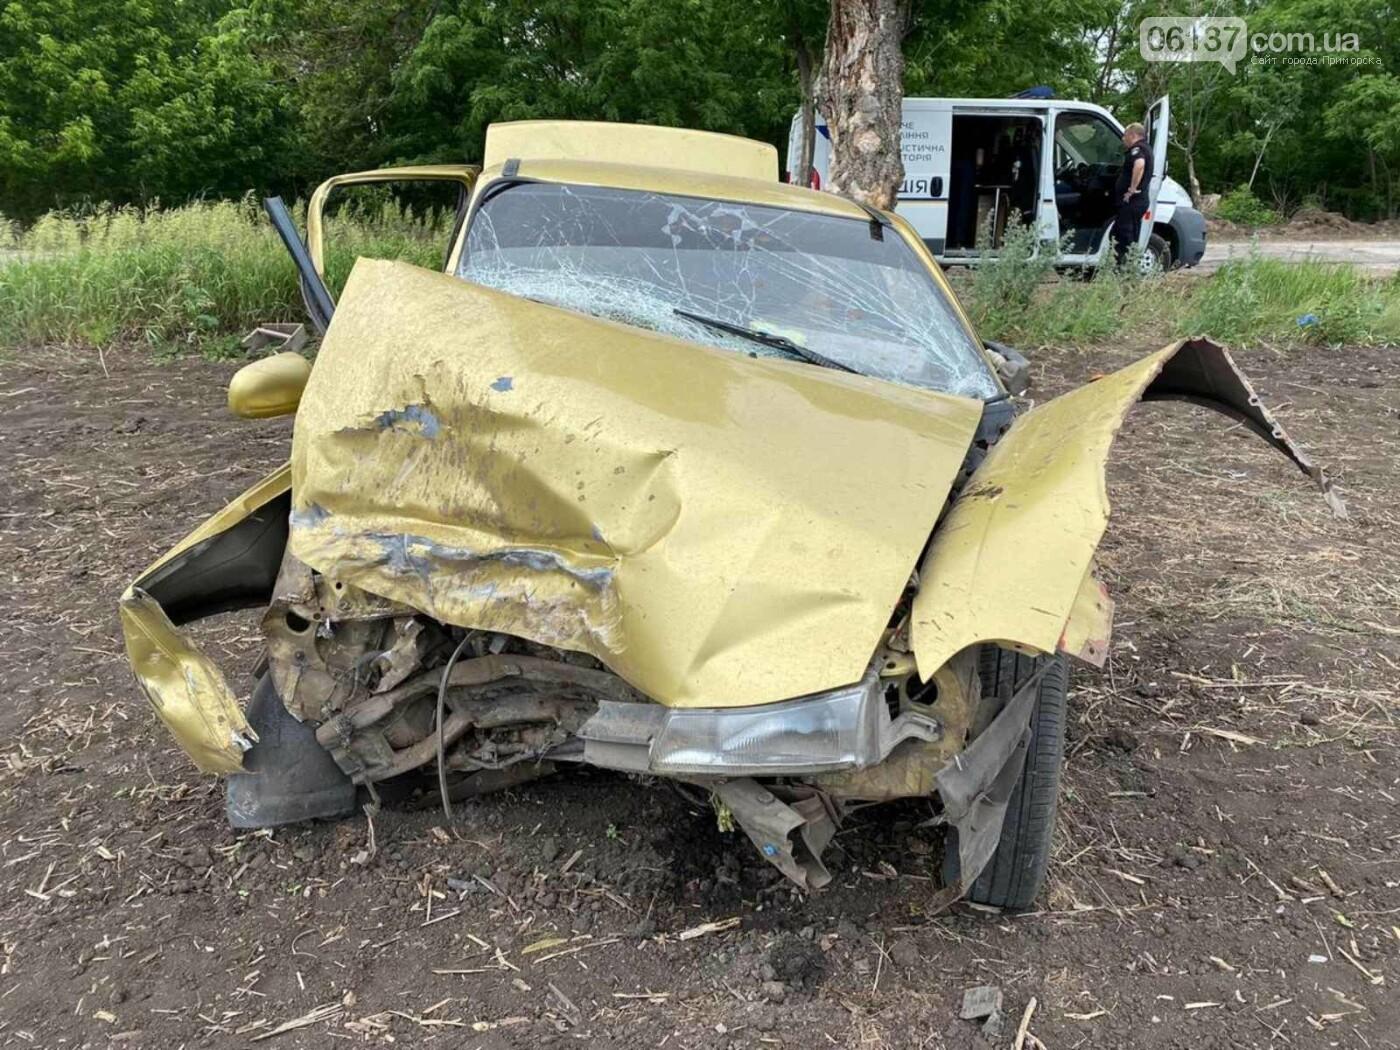 В Запорожской области водителю, убившему двоих людей, грозит тюремное заключение. Фото, фото-1